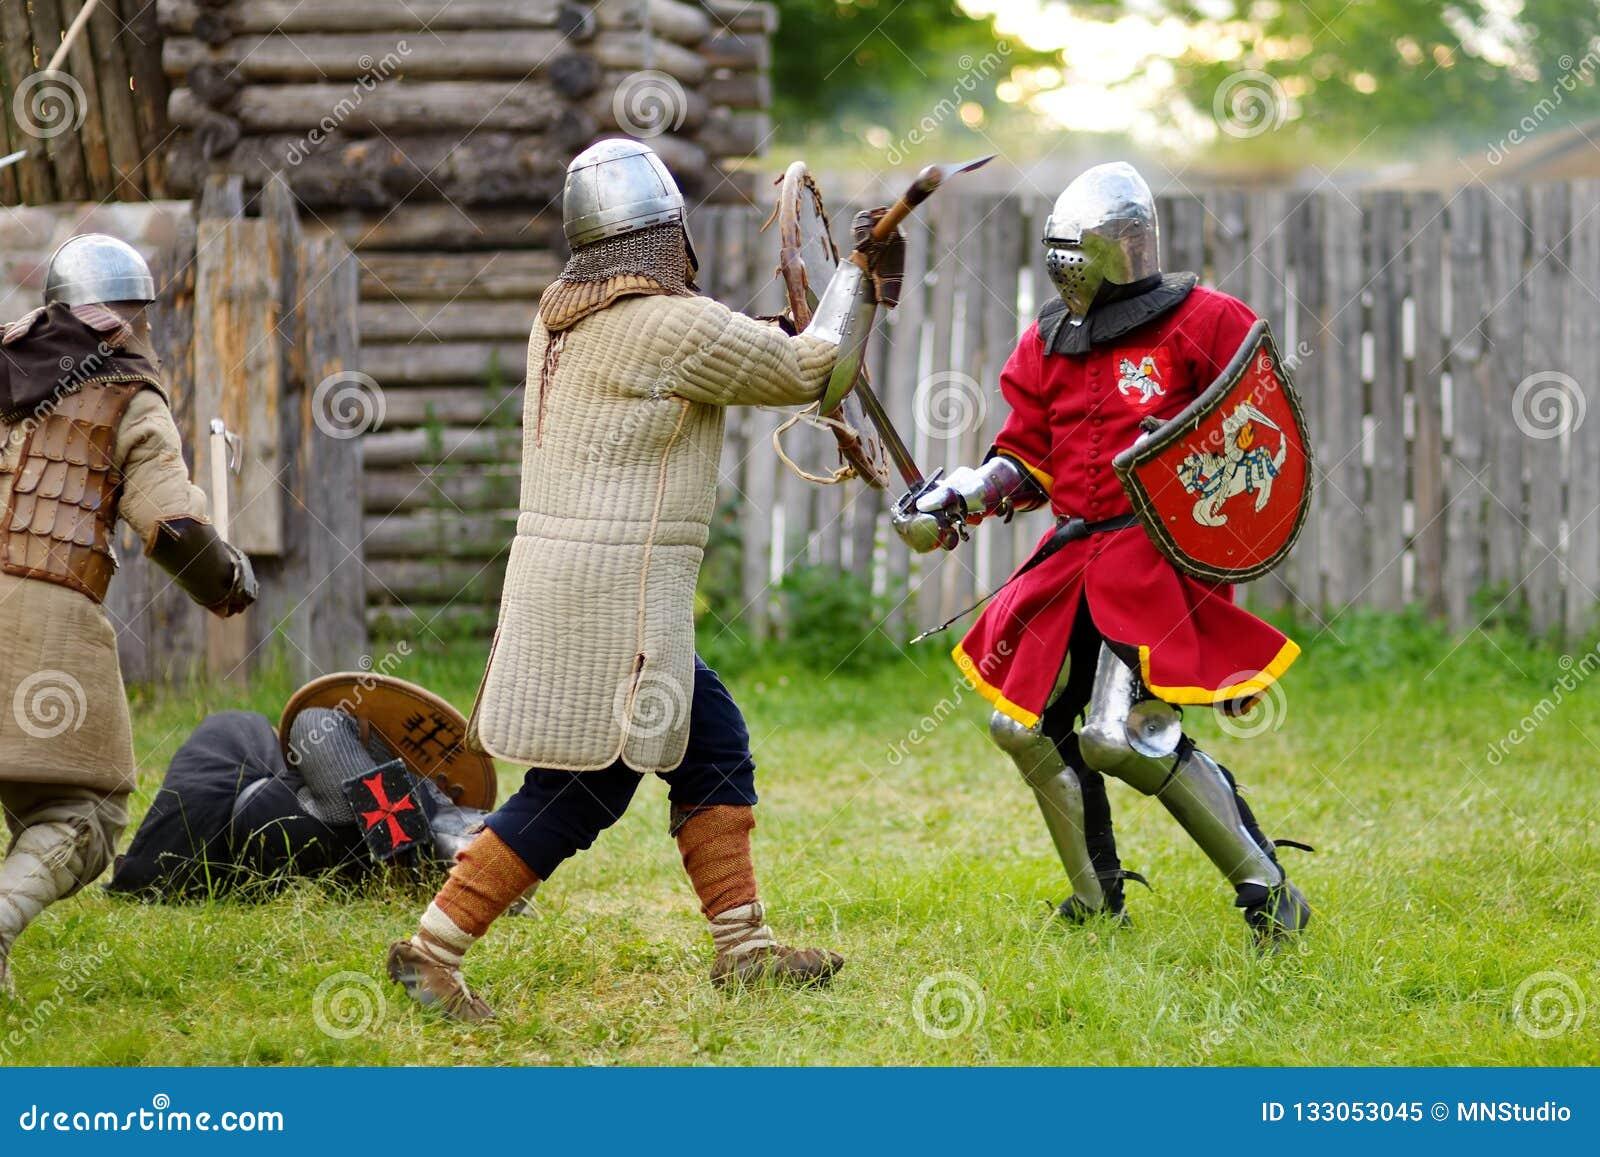 Mensen die ridderkostuums dragen tijdens het historische weer invoeren op jaarlijks Middeleeuws die Festival, in het Peninsulaire